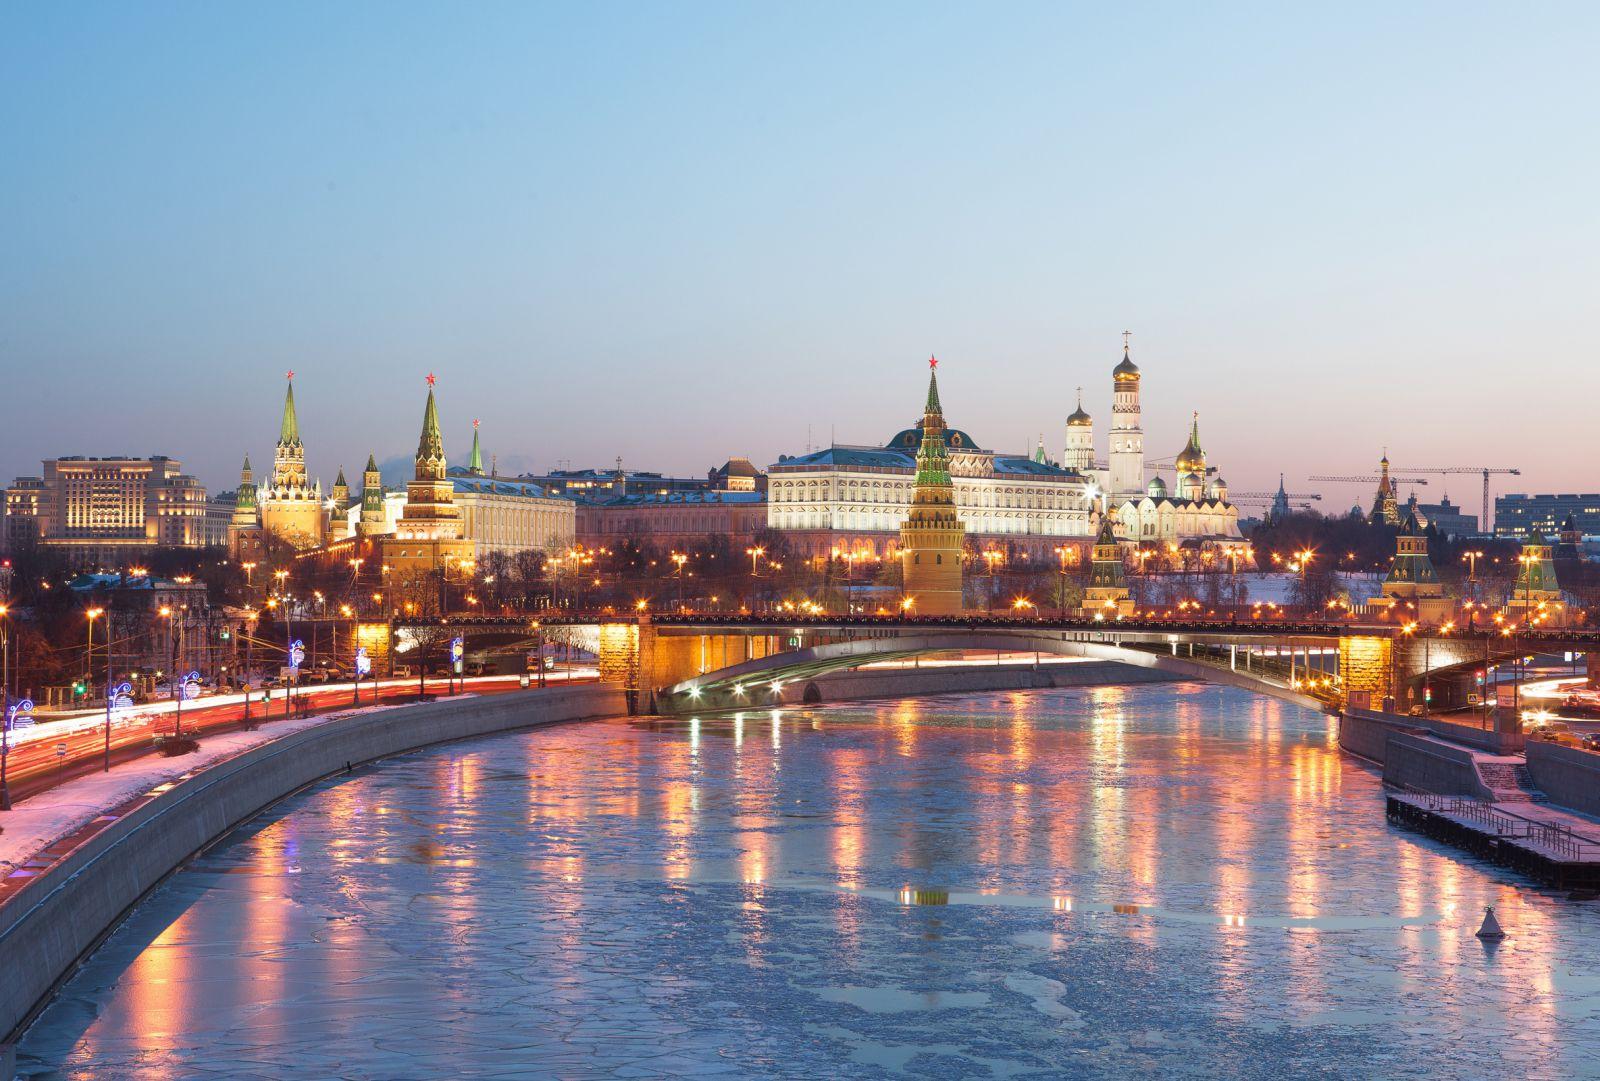 79e2cbb93ab5e Авиакомпания Smartavia в рамках летнего расписания откроет регулярное  воздушное сообщение между Москвой, Иркутском и Улан-Удэ. Полёты в Улан-Удэ  будут ...